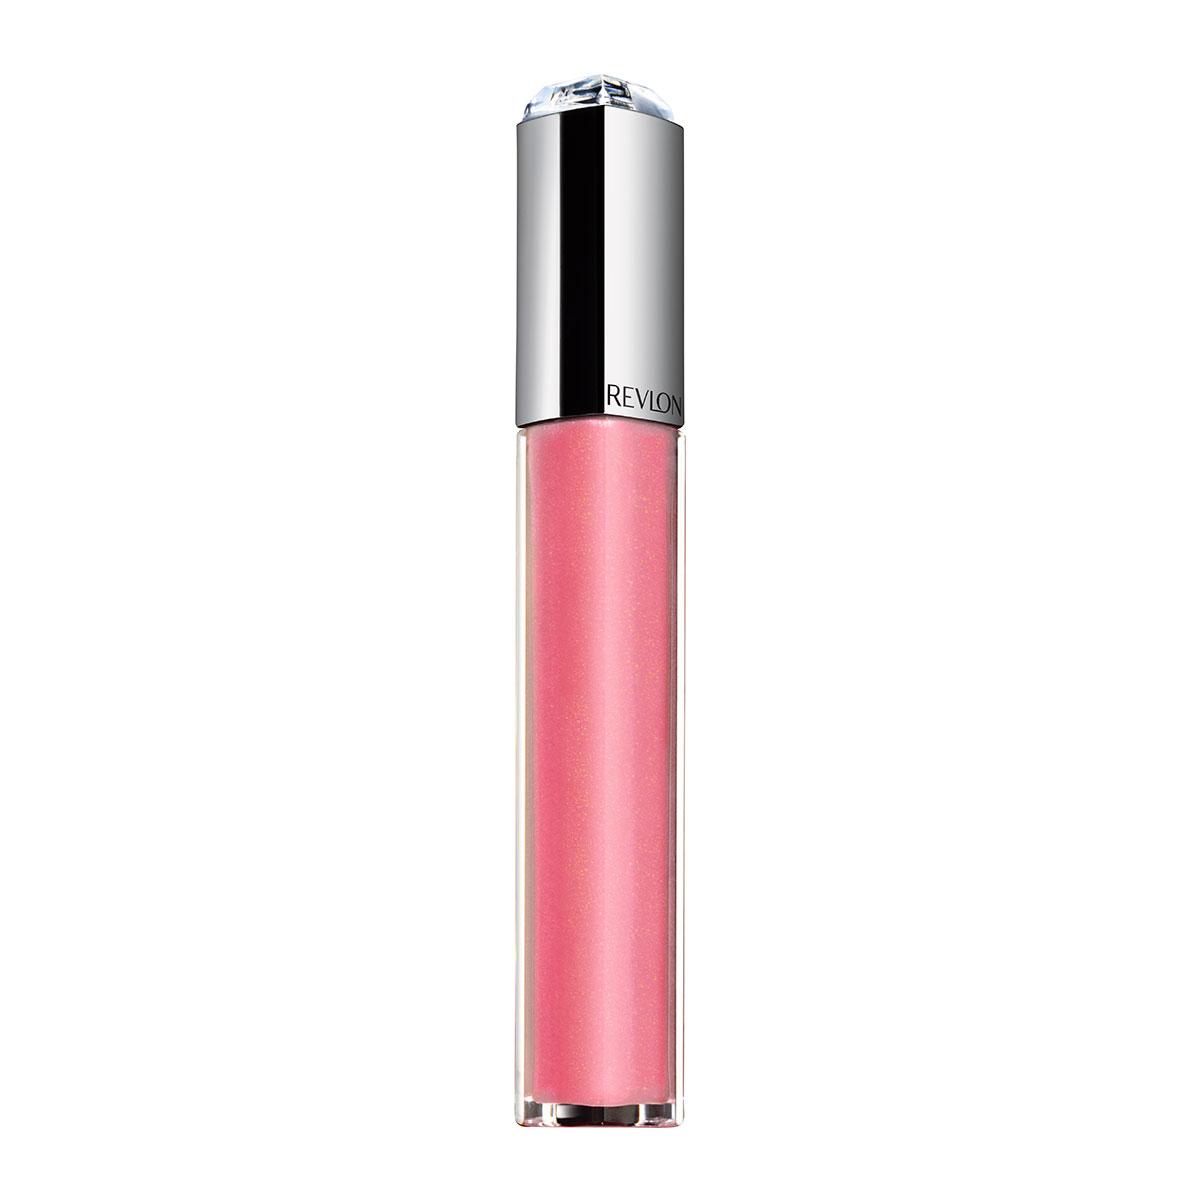 Revlon Помада-блеск для Губ Ultra Hd Lip Lacquer Petalite 540 5,9 мл7210464001Придайте своим губам сияние с Revlon Ultra HD Lip Lacquer. Инновационная лаковая формула дарит вашим губам глубокий, насыщенный цвет без утяжеления. Блеск-лак для губ с тонкой текстурой, не насыщенной восками. Легкая формула обогощена маслами кокоса и манго. Супер-пигментирован! Плотность покрытия тонкое без ощущения липкости. Насыщенная яркая палитра для создания разных образов: от естественного дневного до вечернего макияжей. Устойчивый результат. Насыщенный, сияющий цвет визуально увеличивающий объем.